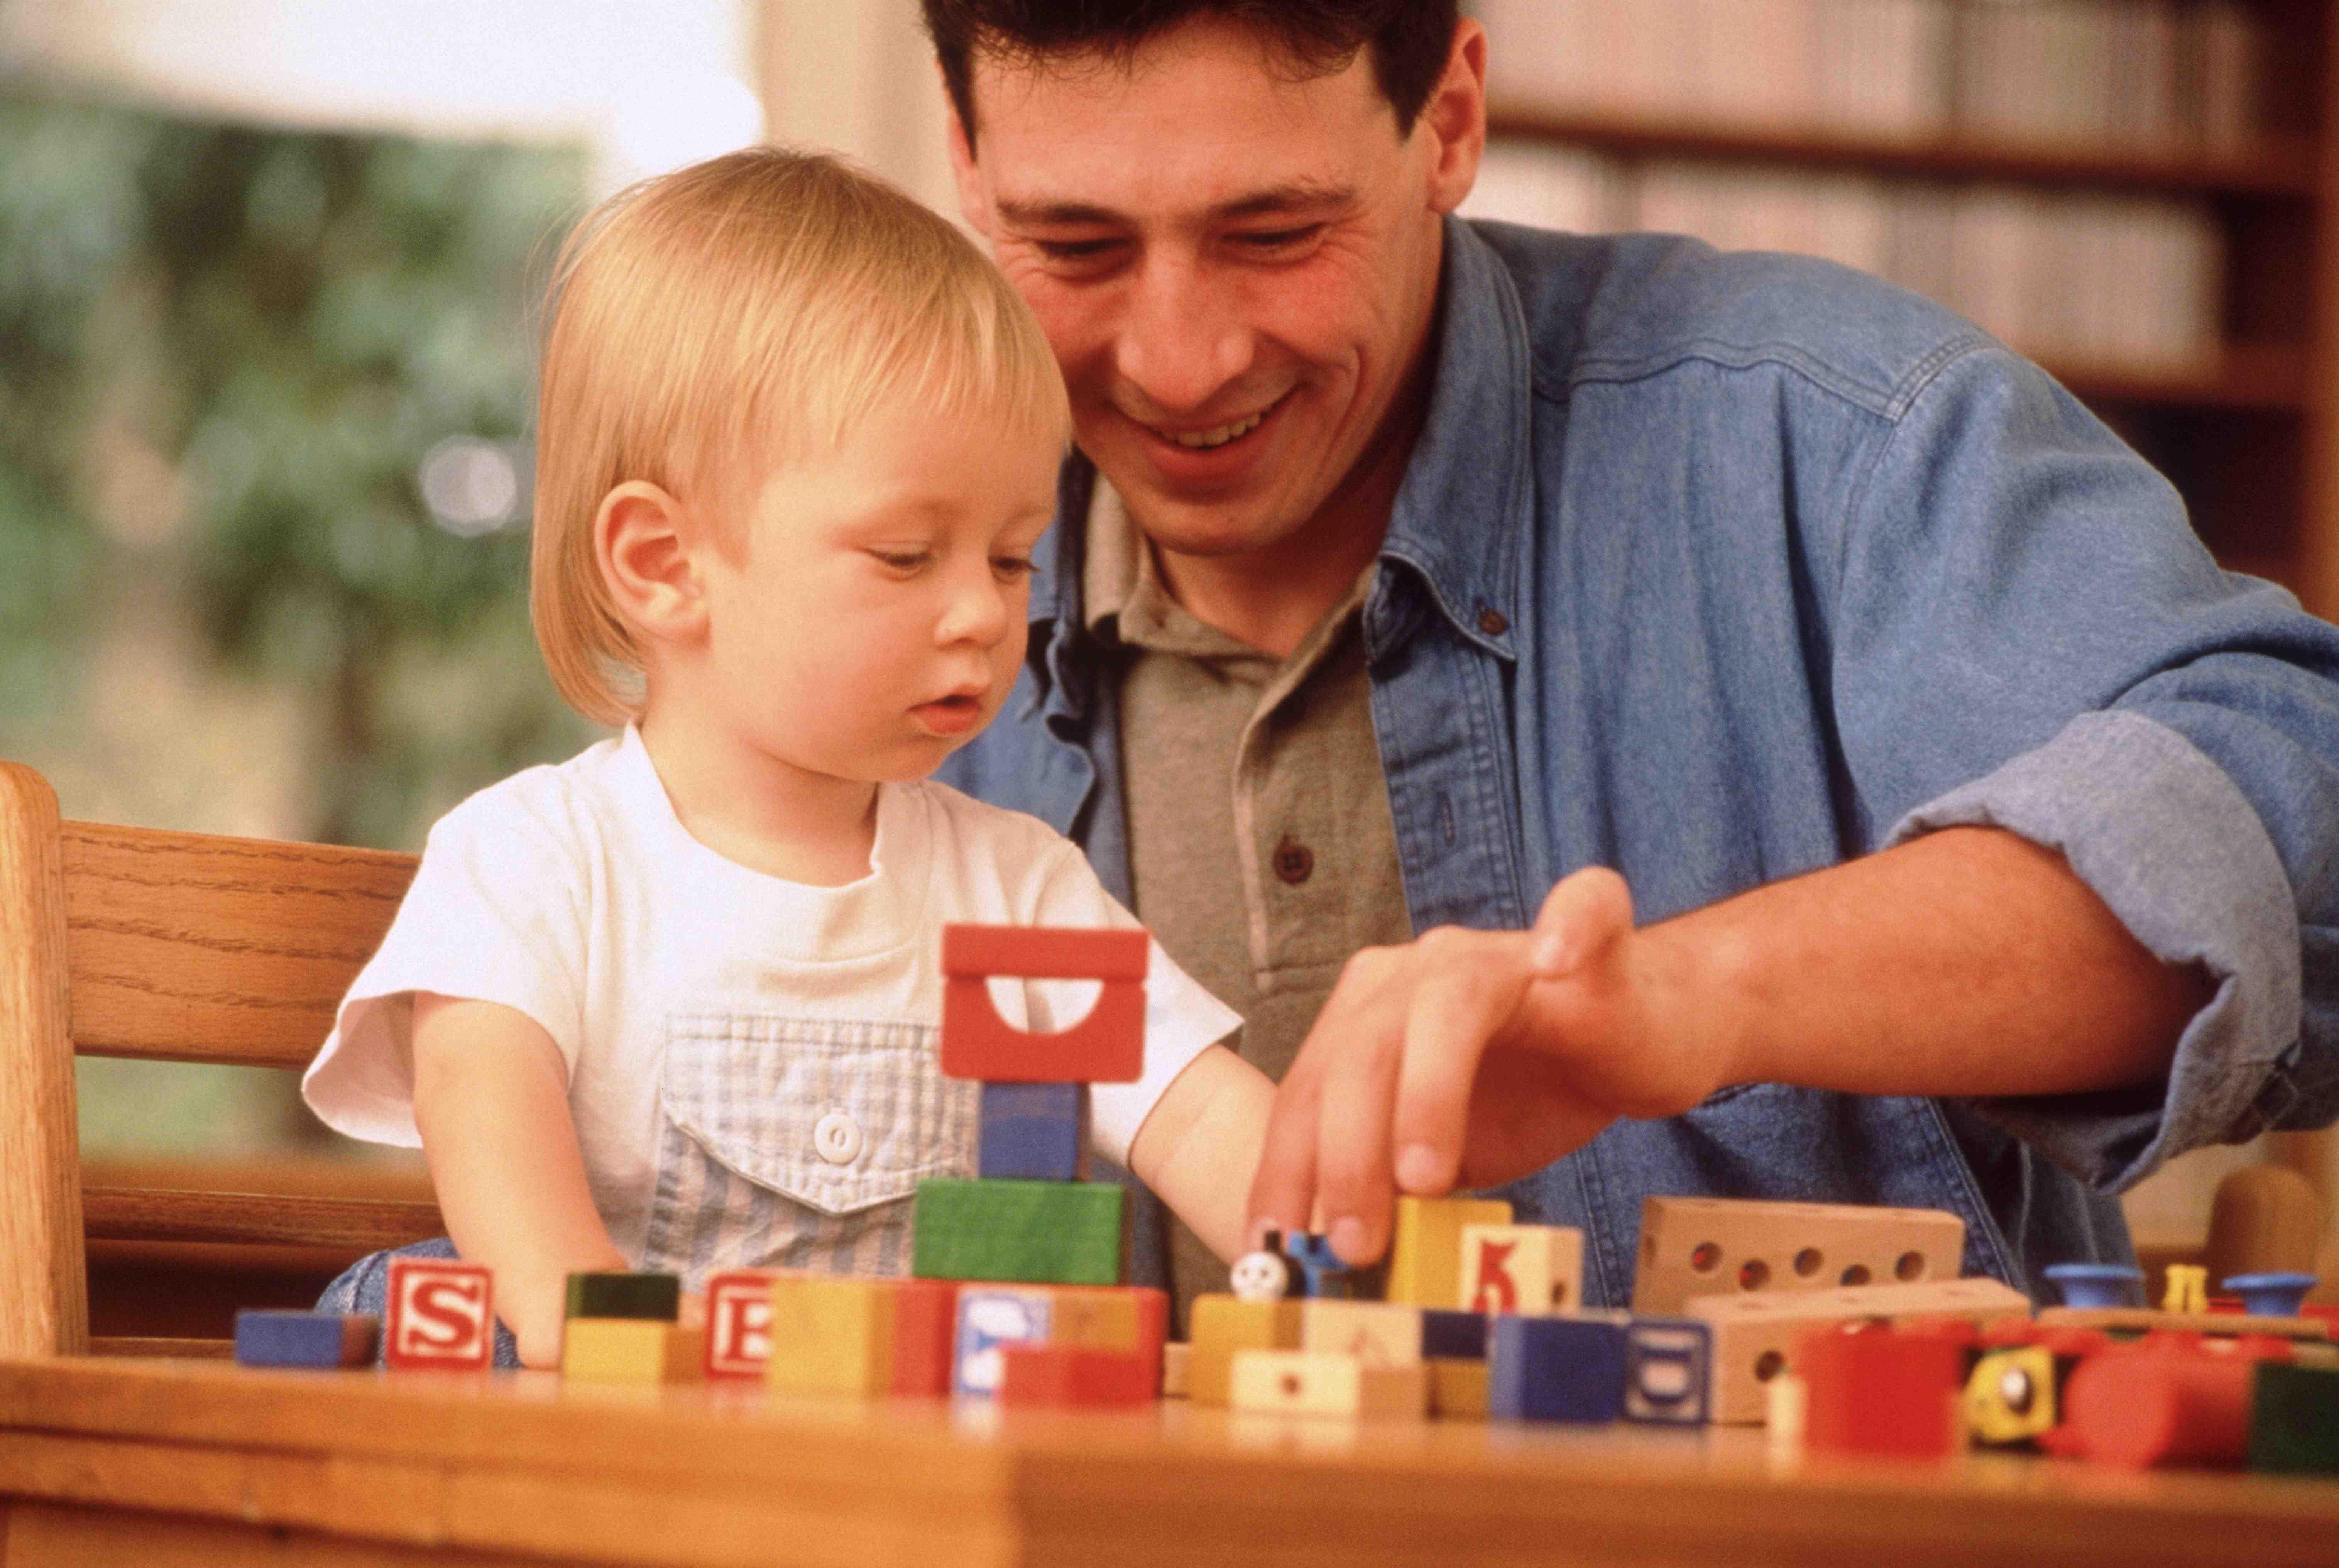 важное место в развитии ребенка занимают